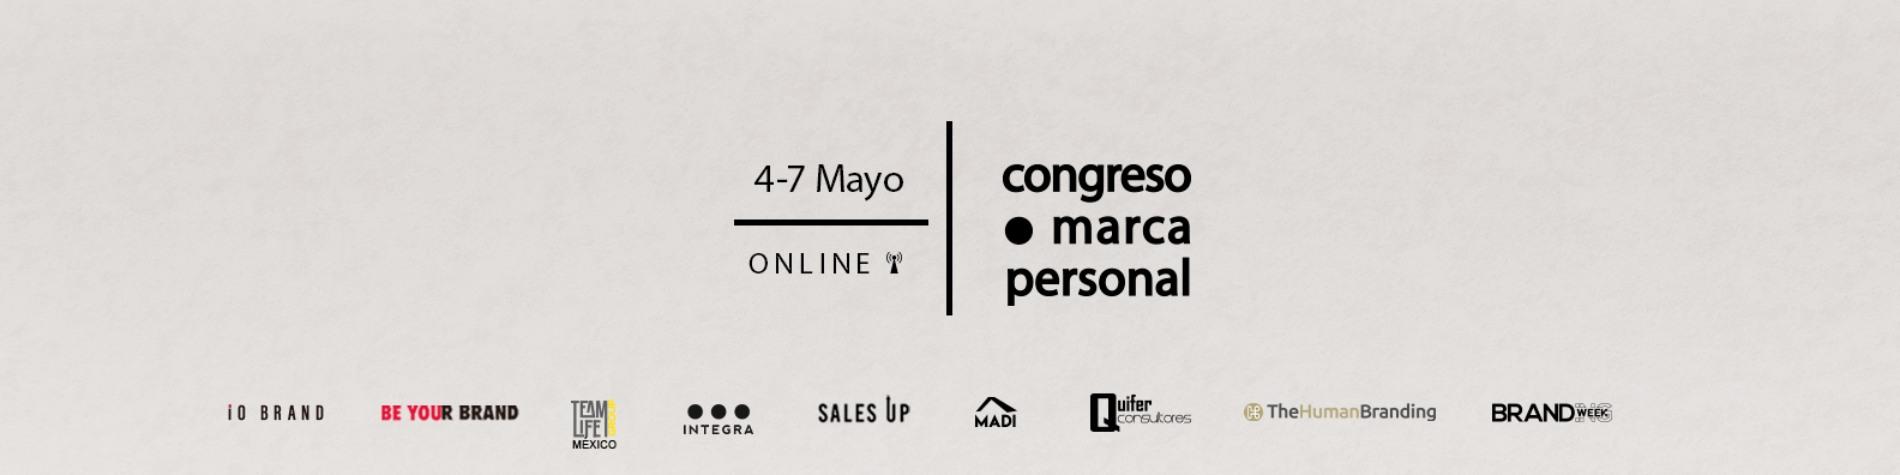 Congreso Marca Personal Online